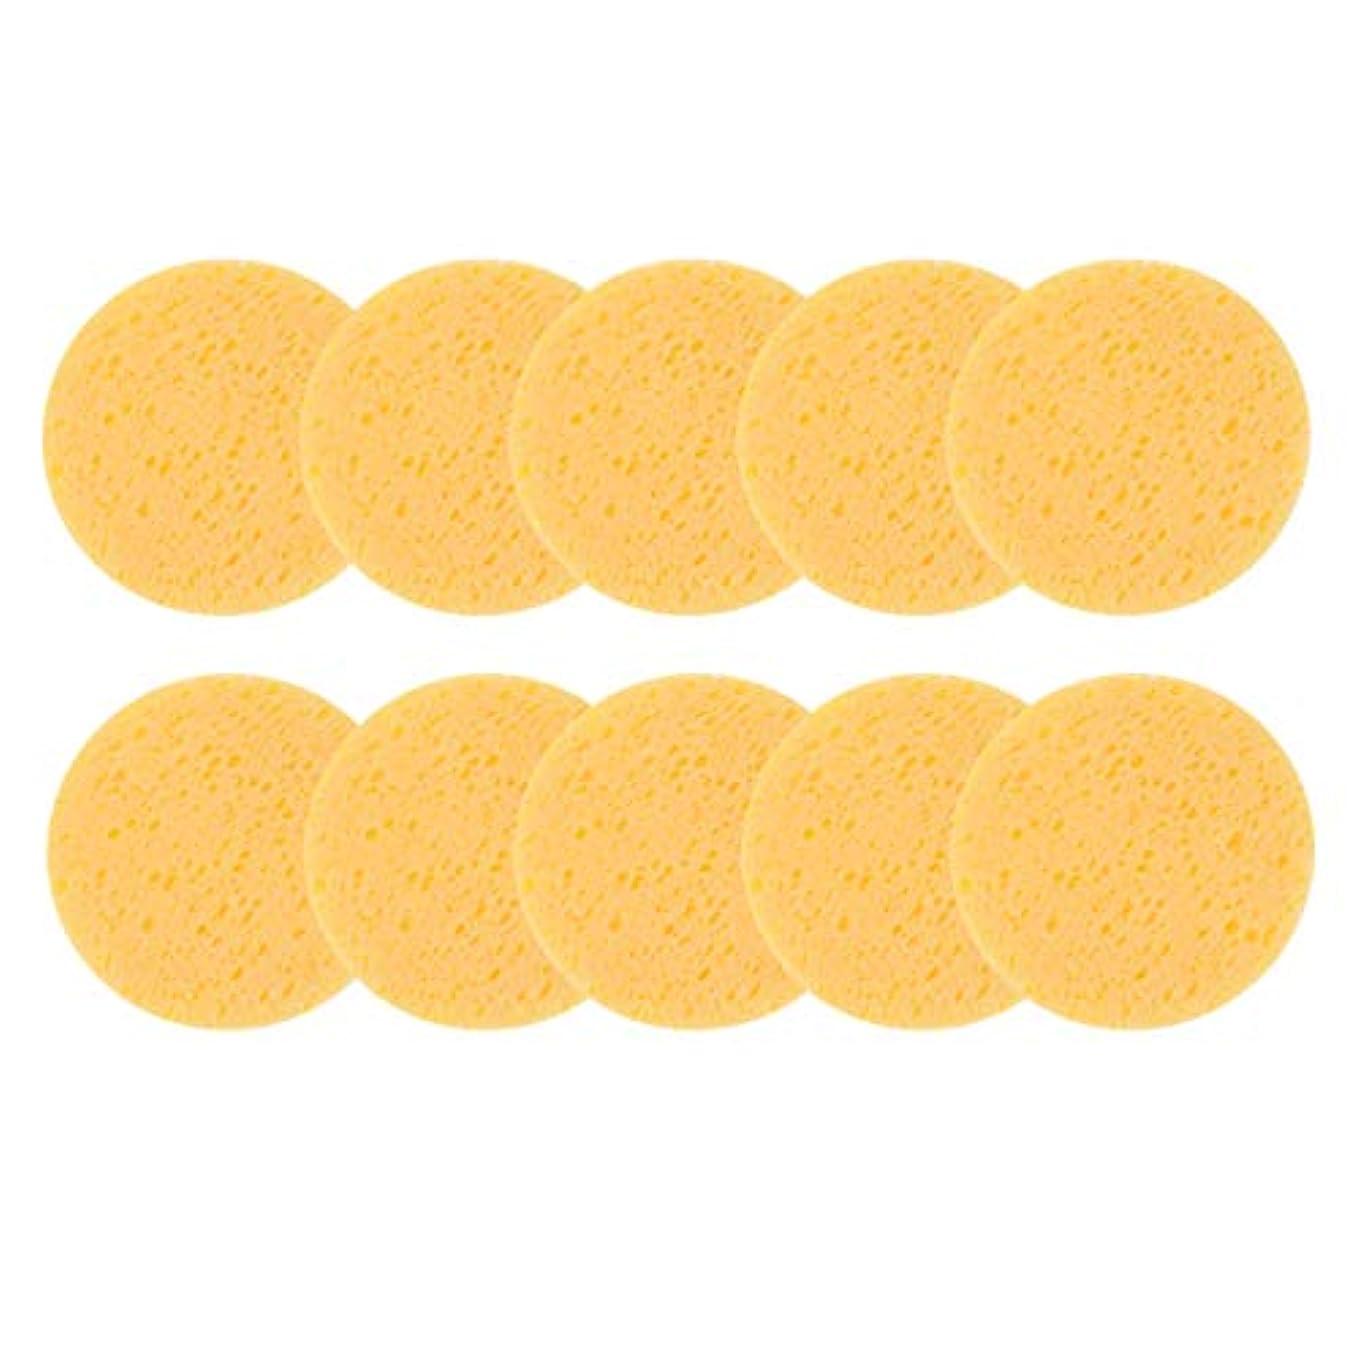 り役に立つ地質学Frcolor フェイシャルスポンジ クレンジングシート メイク落とし 柔らかい 天然 美肌 角質 皮脂 除去 洗顔 拭き取り用 スポンジ 10個セット(黄色)